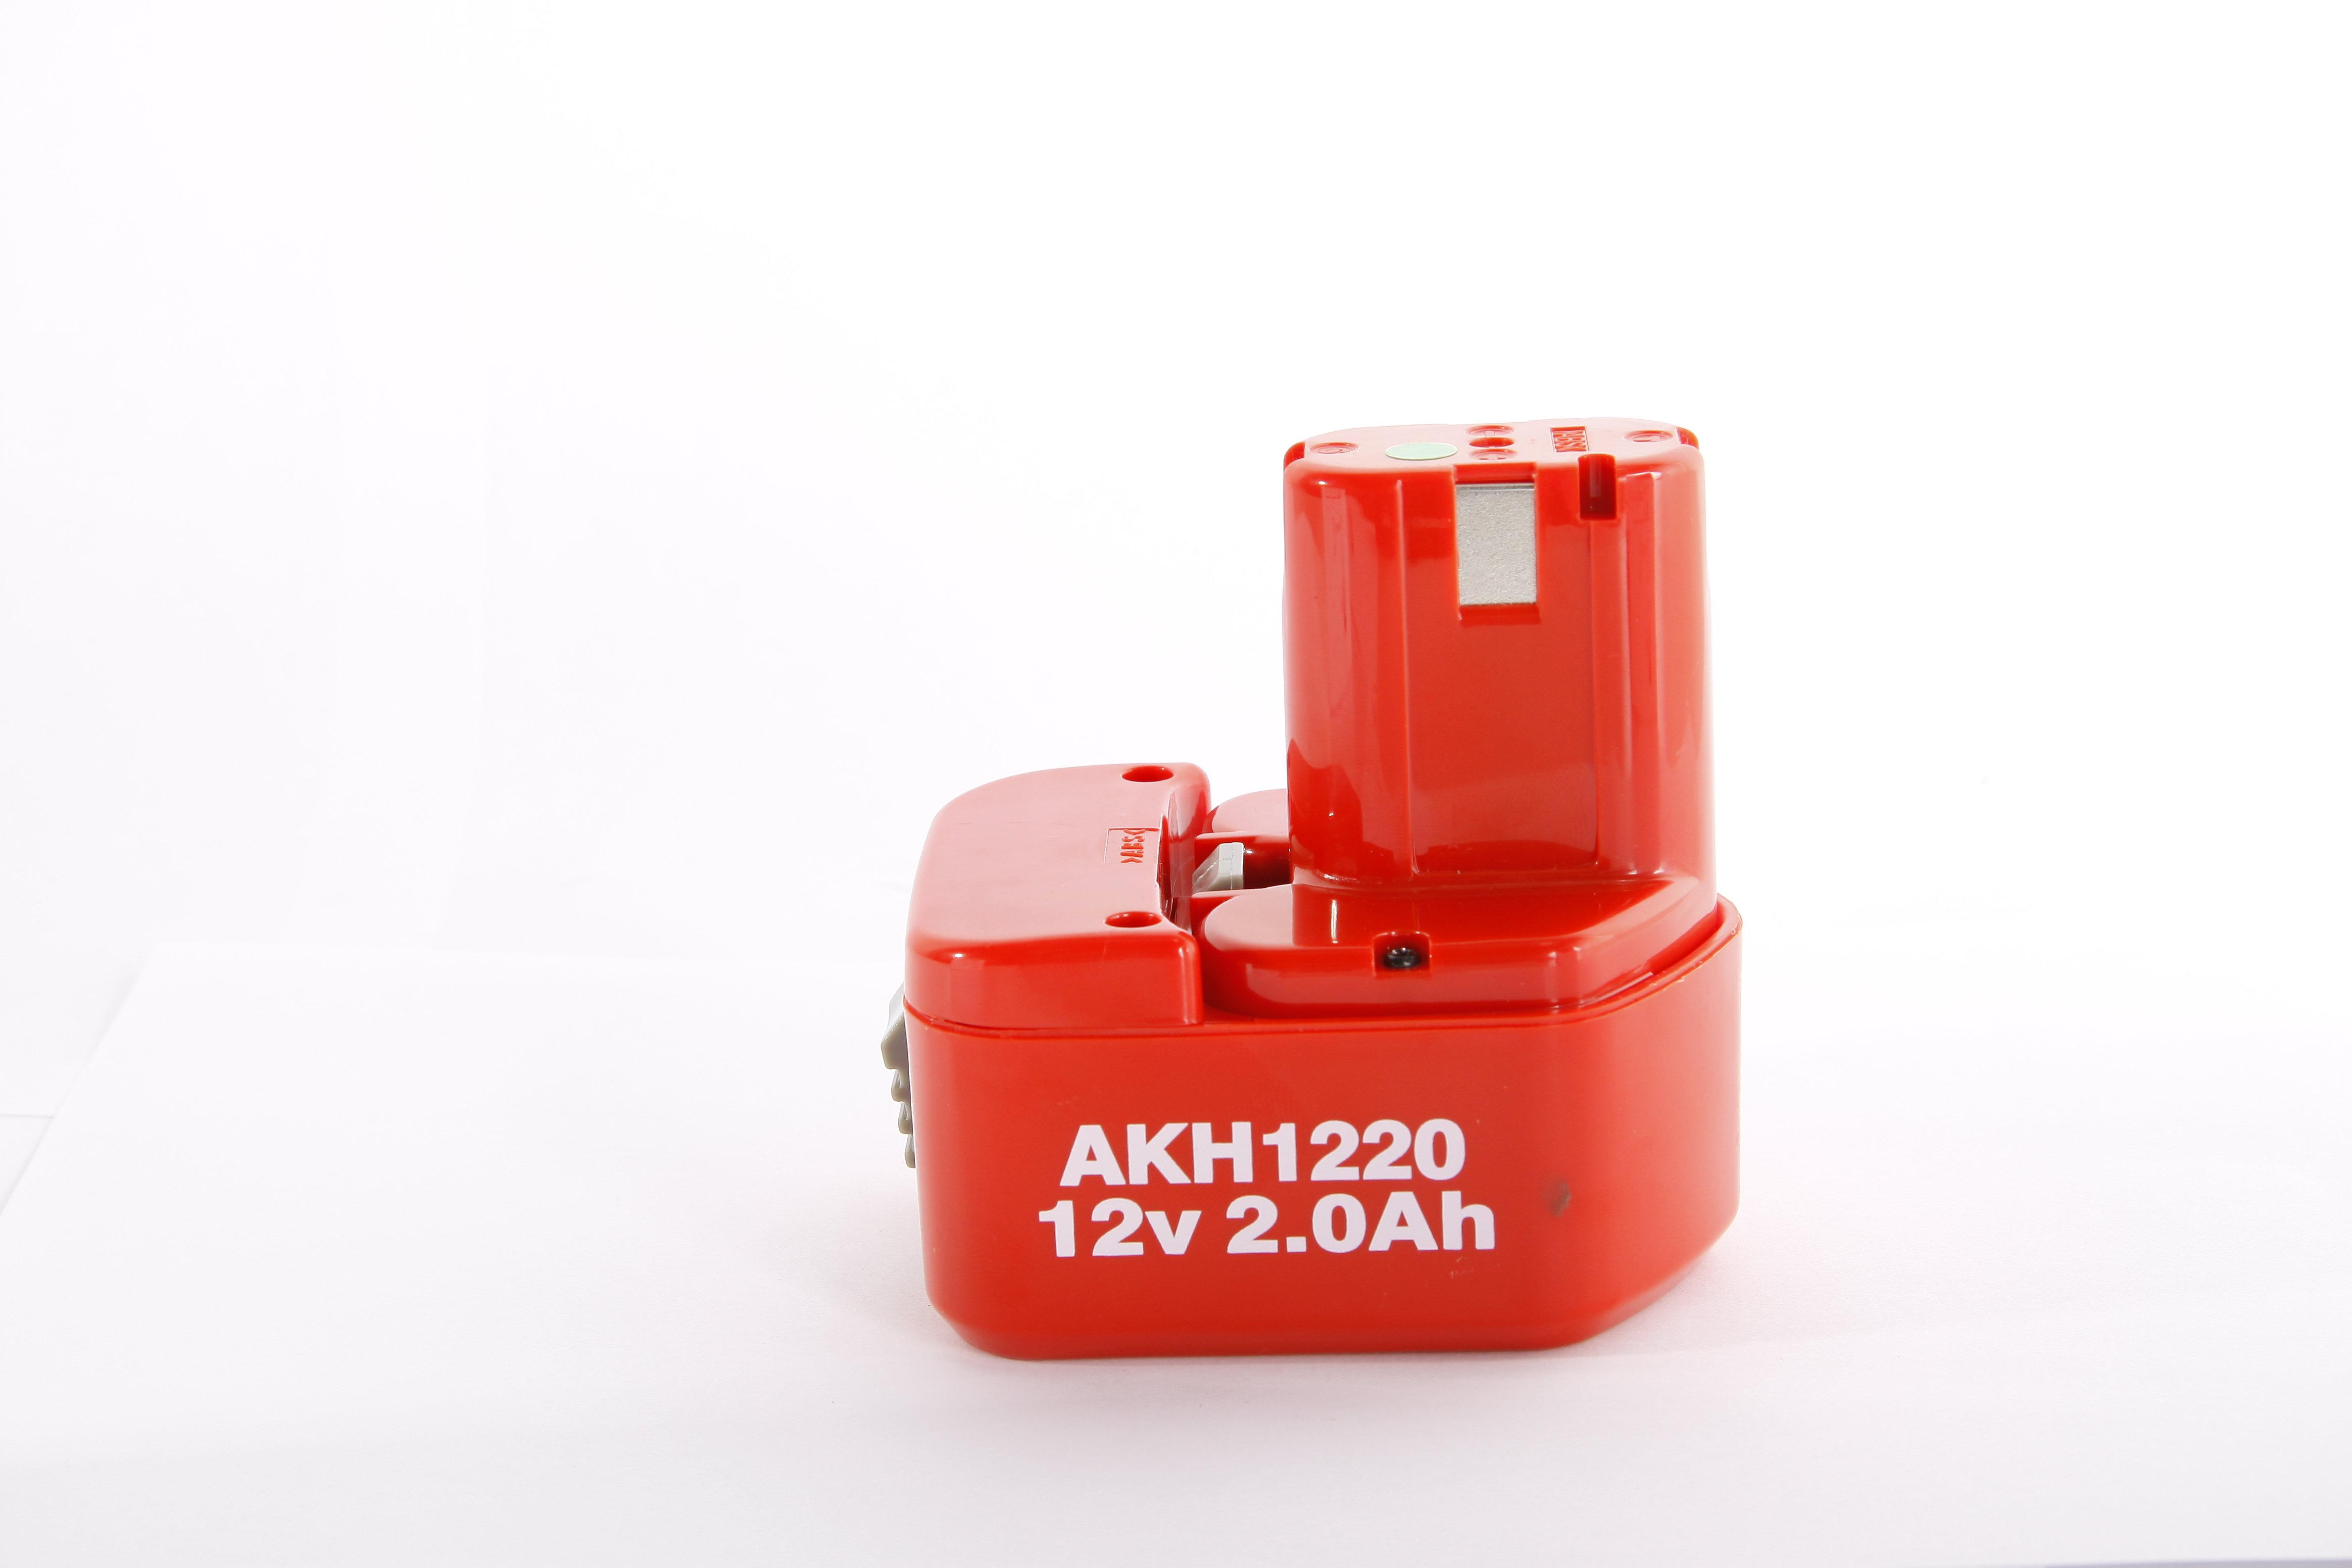 Аккумулятор Hammer Akh1220 12В 2.0Ач